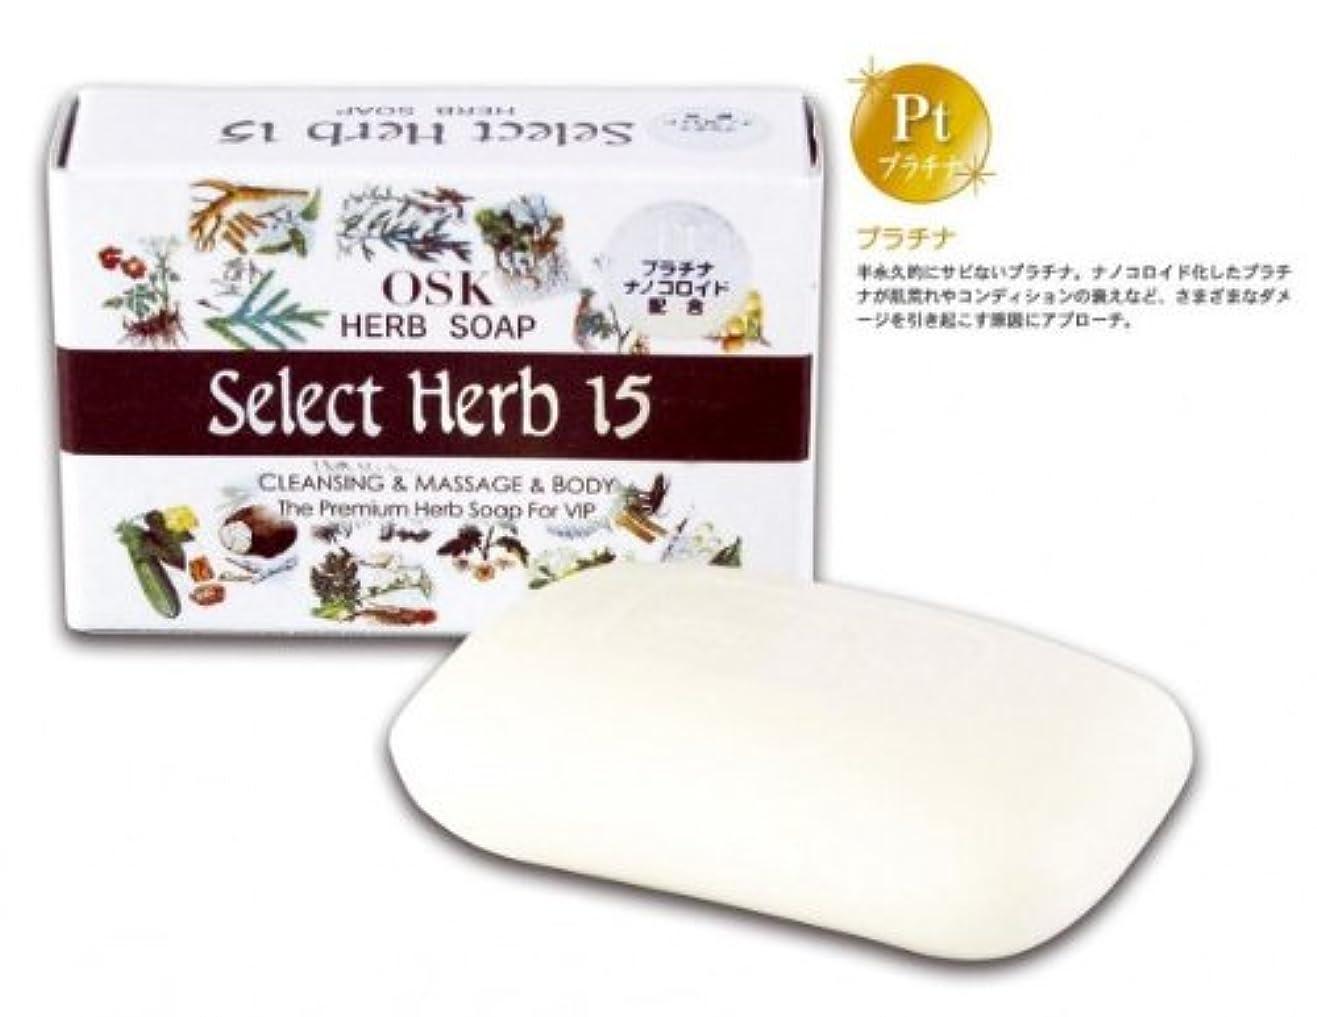 橋脚余暇保持NEW OSK SOAP SelectHerb15(ニューオーエスケーソープセレクトハーブ15)135g